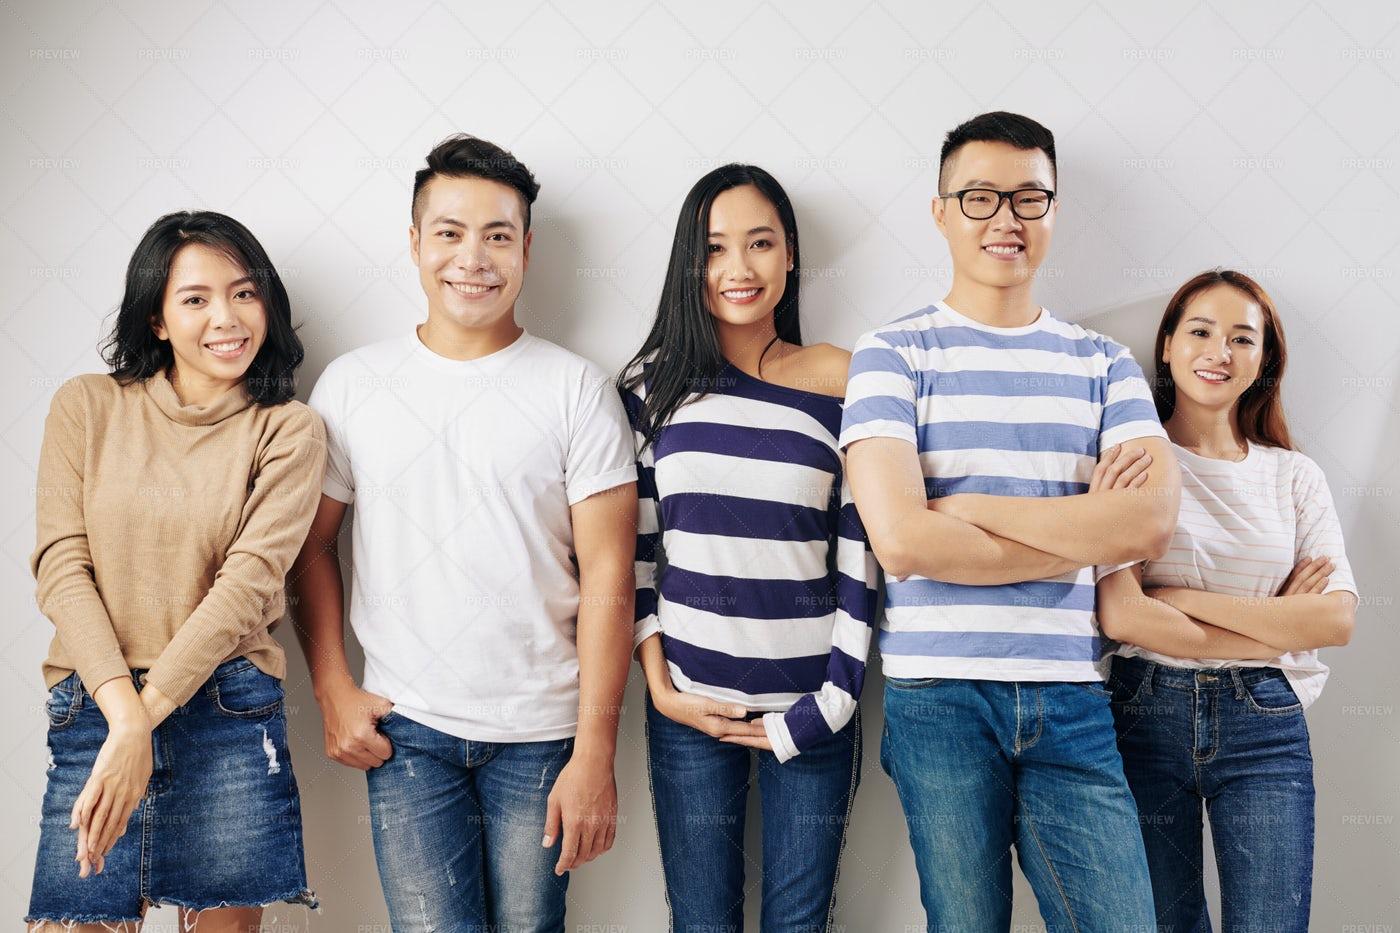 Confident Happy University Students: Stock Photos